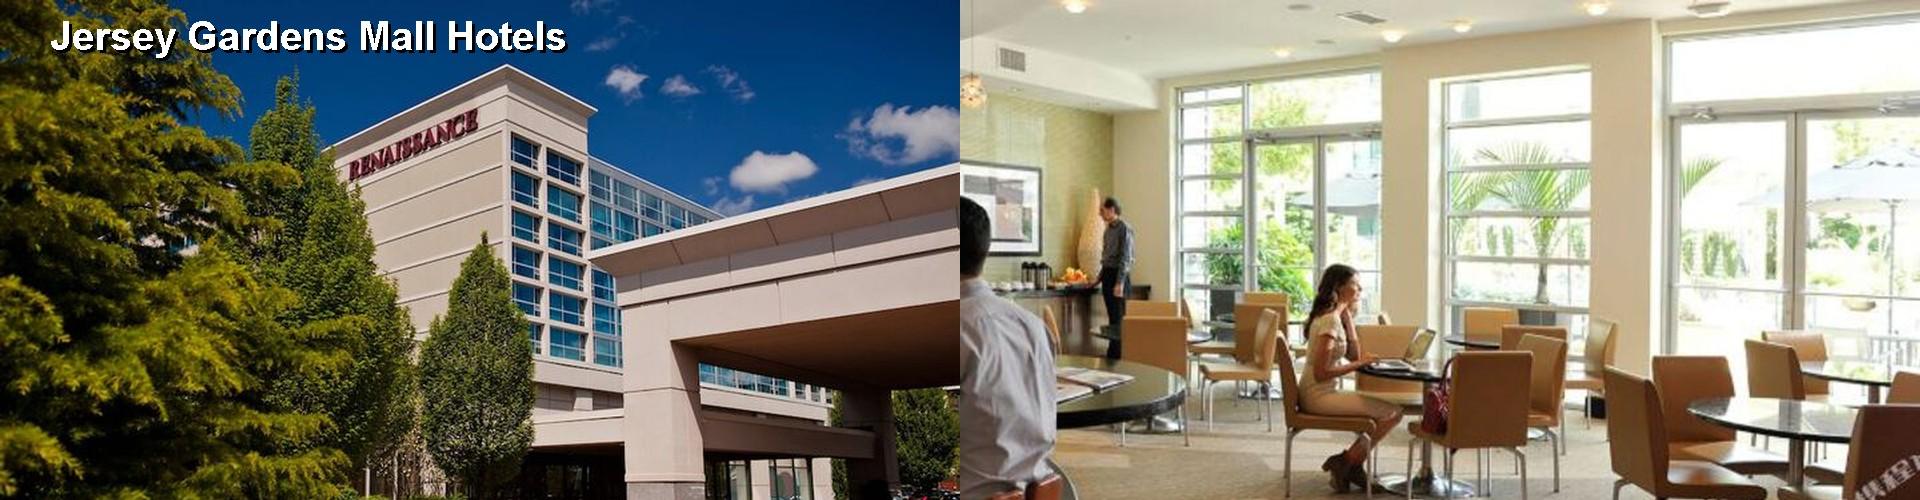 Hotels Near Jersey Gardens Mall Elizabeth Nj